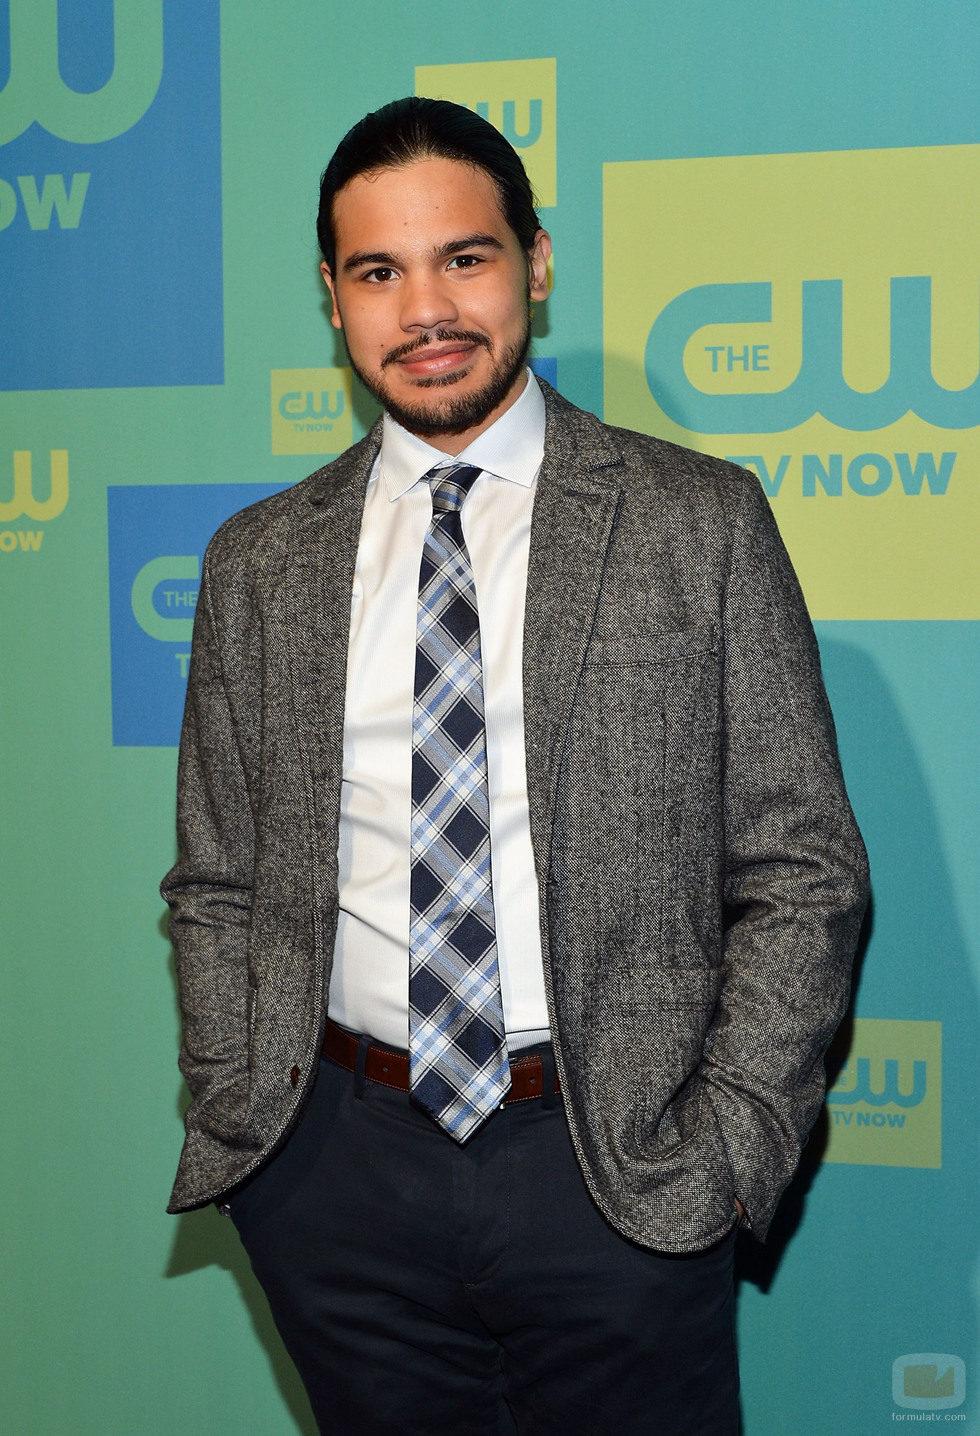 Carlos Valdes en los Upfronts 2014 de The CW